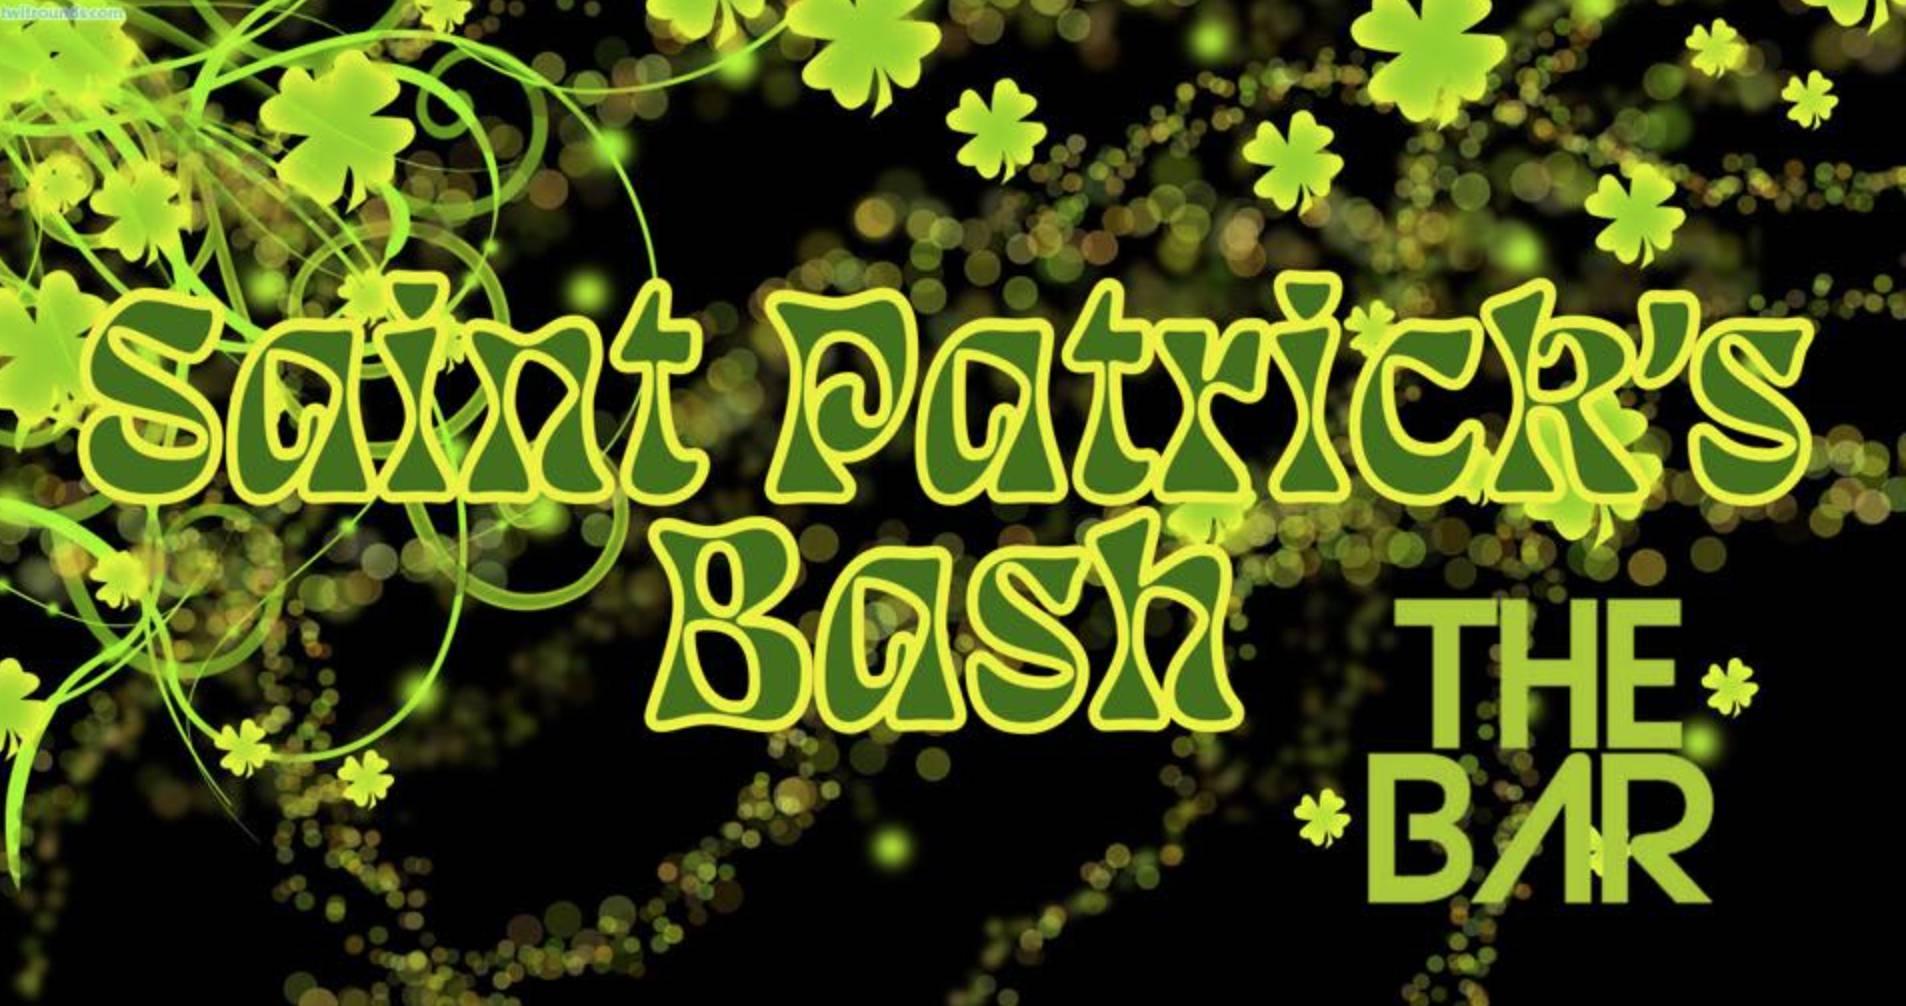 Saint Patrick's Bash